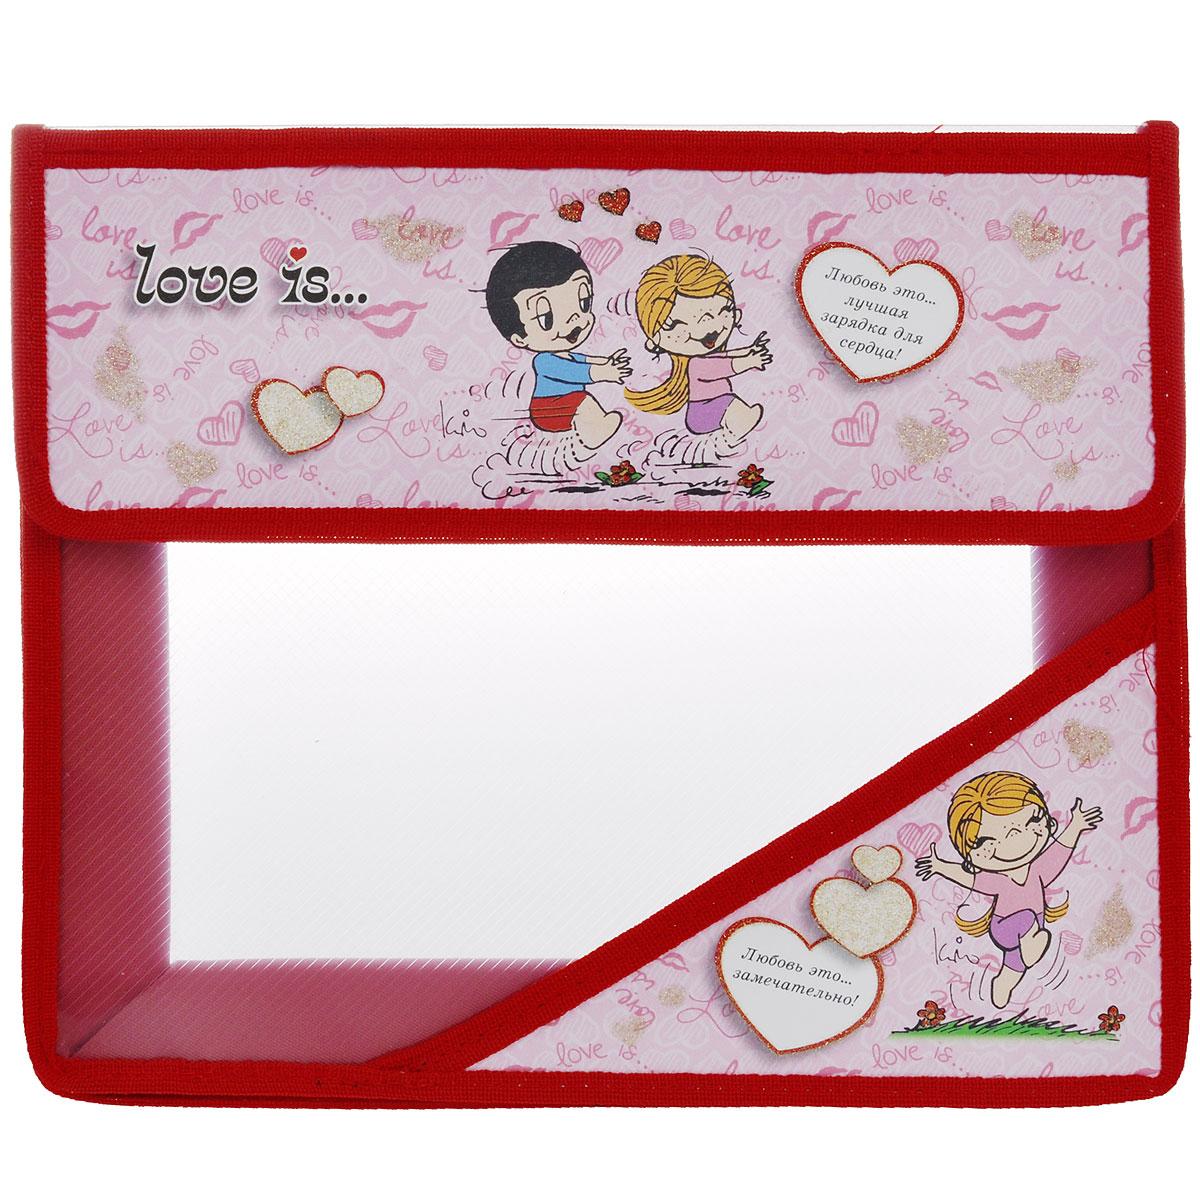 Папка для тетрадей Action! Love is, цвет: розовый, красный. C37684/LI-FA5C37684/LI-FA5 розовыйПапка Action! Love is предназначена для хранения тетрадей, рисунков и прочих бумаг с максимальным форматом А5. Папка выполнена из прочного материала и содержит одно отделение. Закрывается она клапаном на липучку. Клапан оформлен изображением двух влюбленных и надписью Любовь это... лучшая зарядка для сердца!. Стенки папки прозрачные. С папкой Action! Love is тетради вашего ребенка всегда будут выглядеть опрятно.